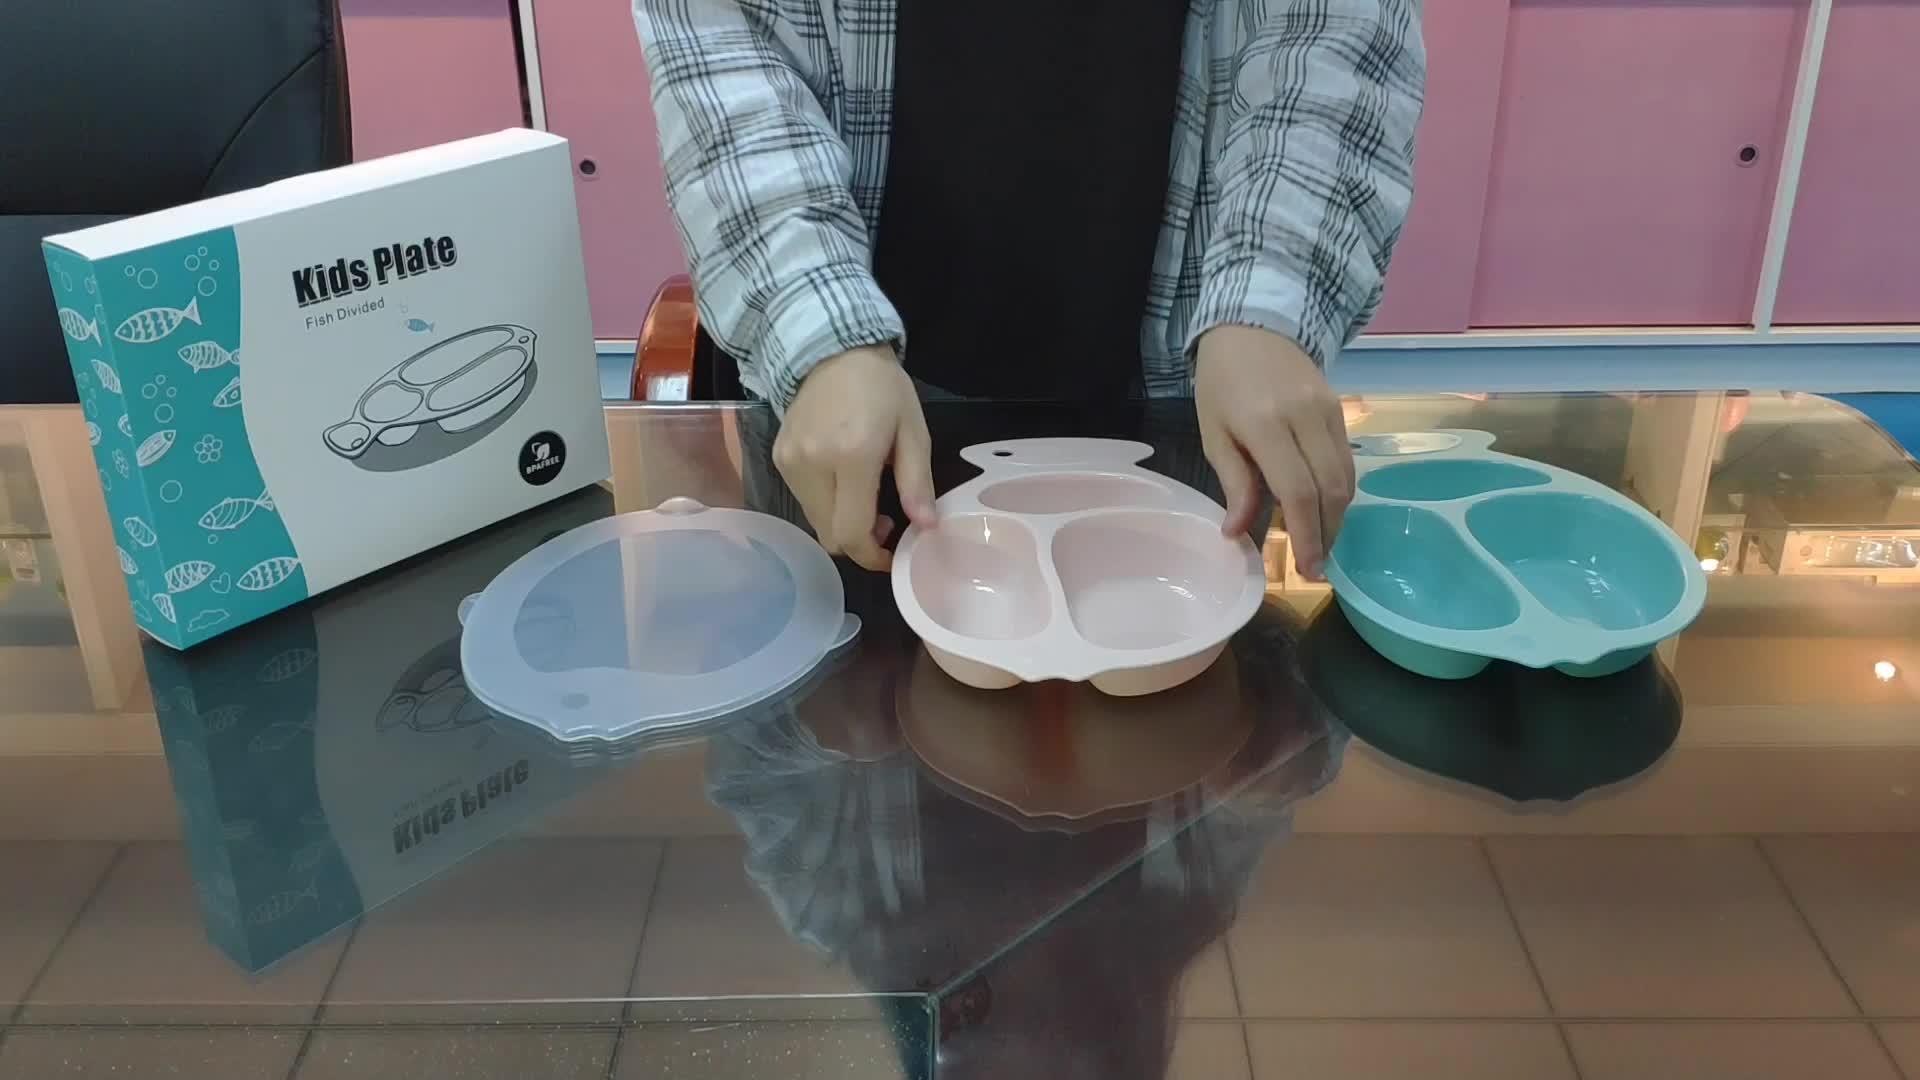 מכירה לוהטת PP תינוק מזון צלחת מחיצת צלחות קל נקי מנות ילדים עבור נסיעות